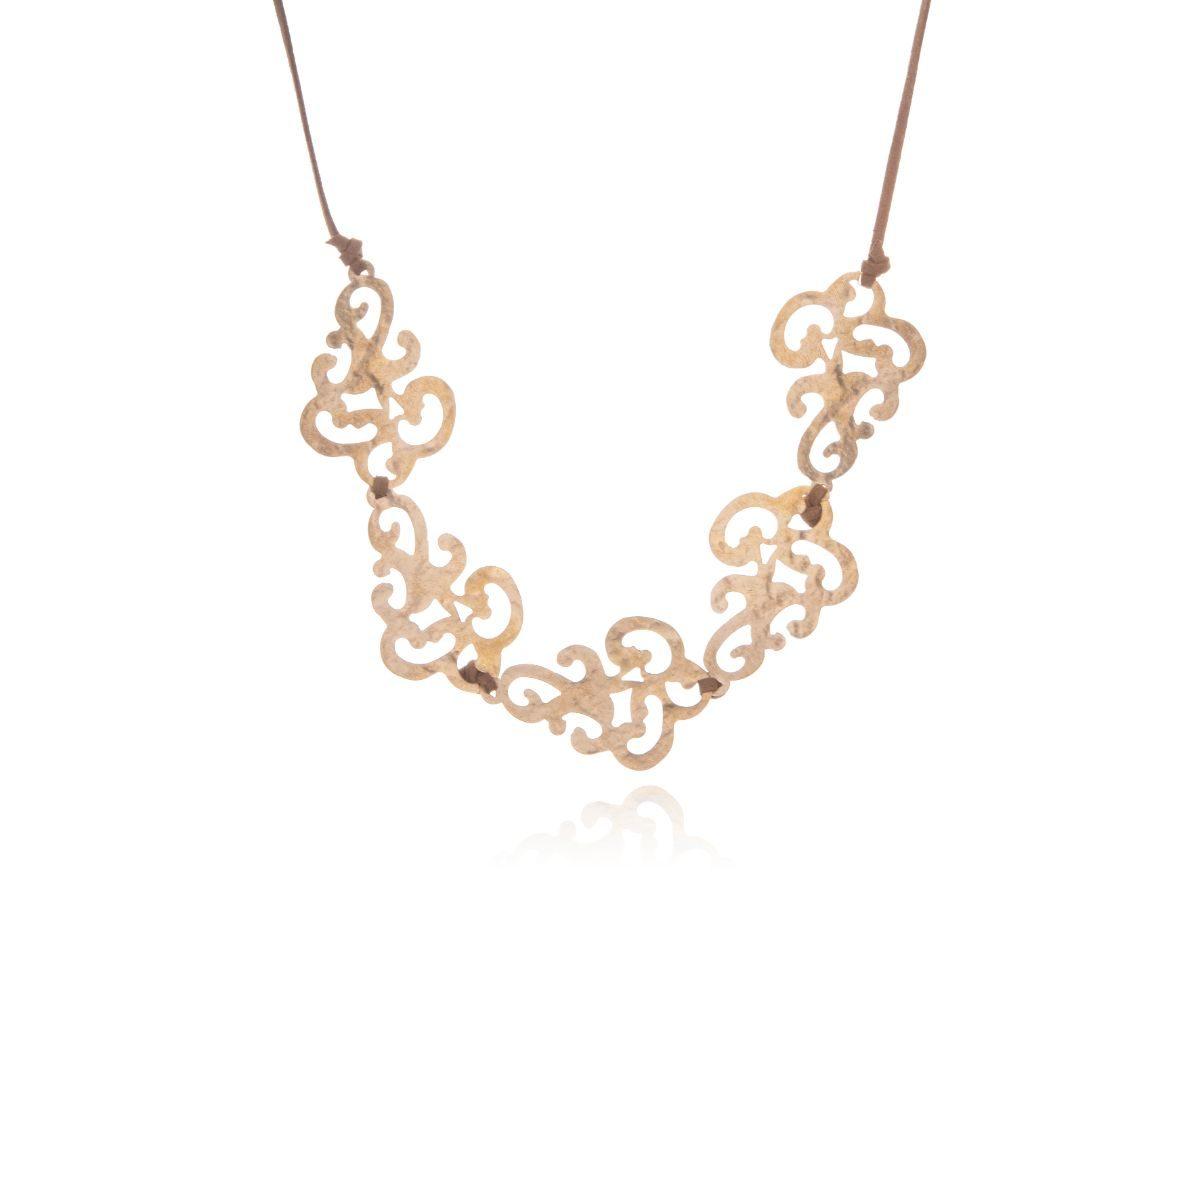 Barroc collar corto con cinco piezas de latón bañadas en oro de original forma filigrana y con antelina color camel